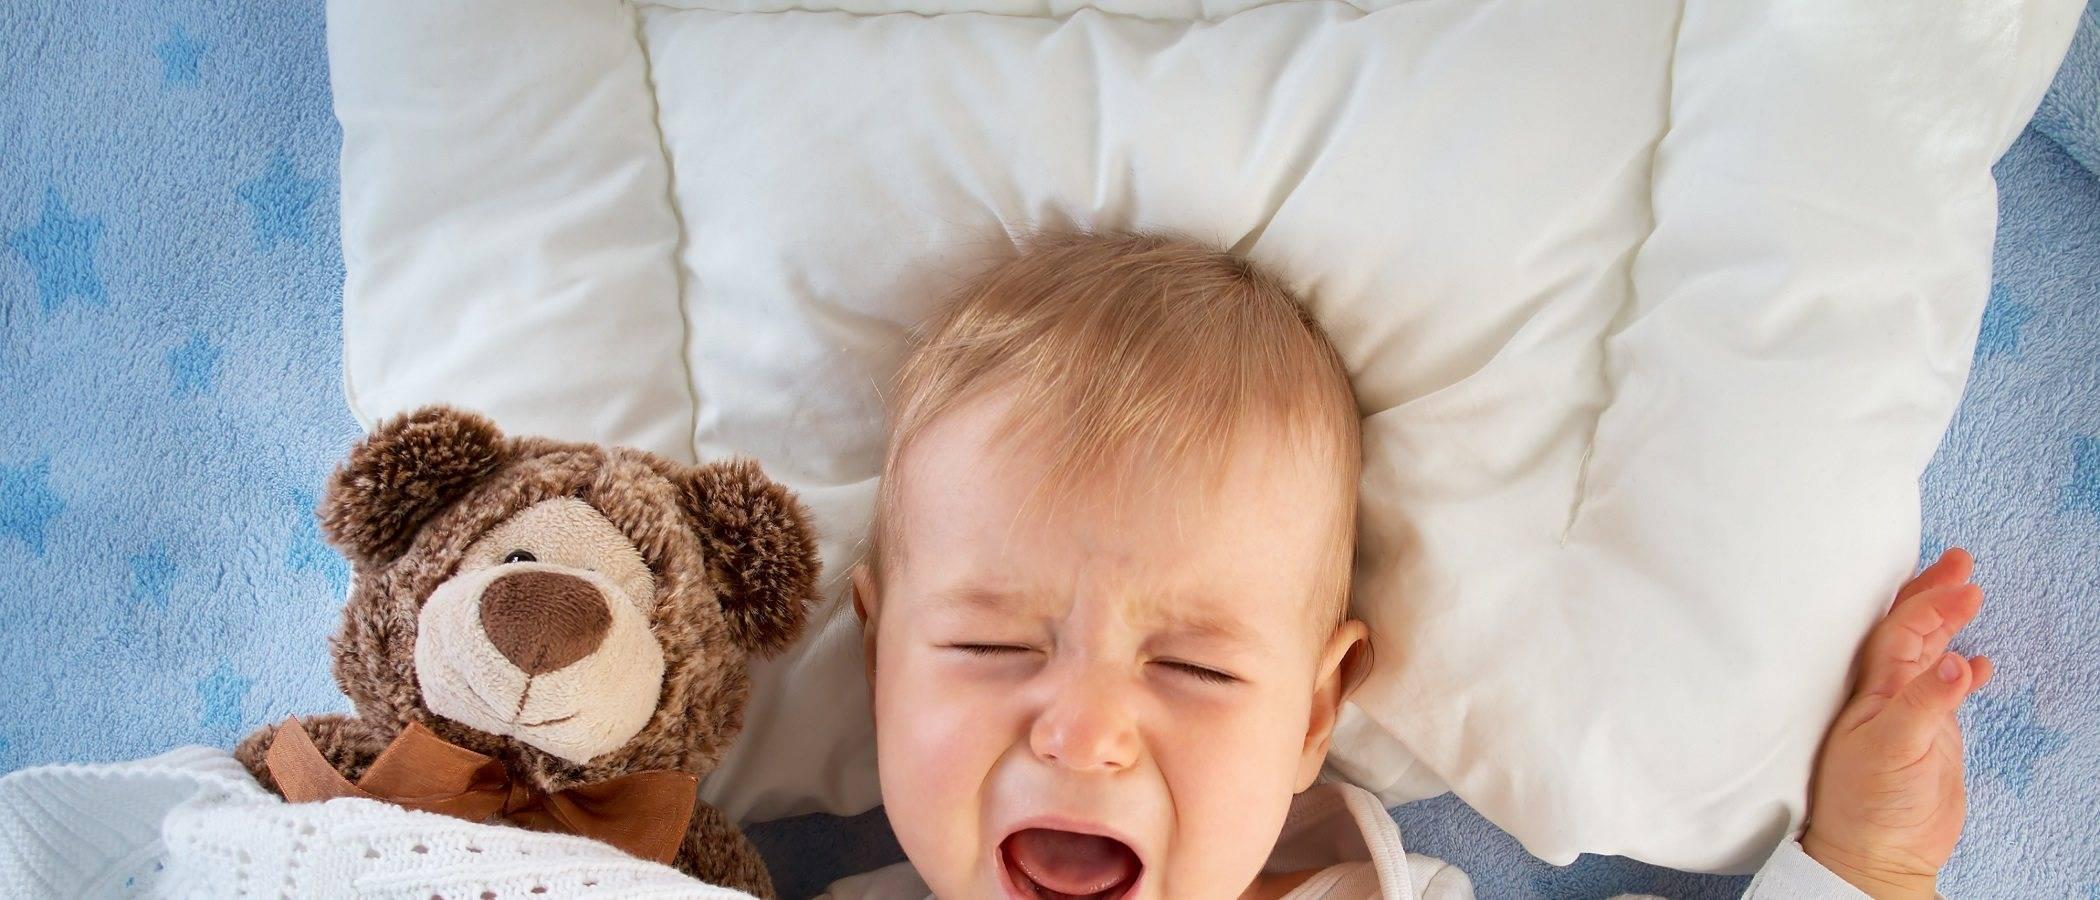 Как отучить ребенка ныть по любому поводу в 5-7 лет, что делать? | семейные правила и ценности | vpolozhenii.com